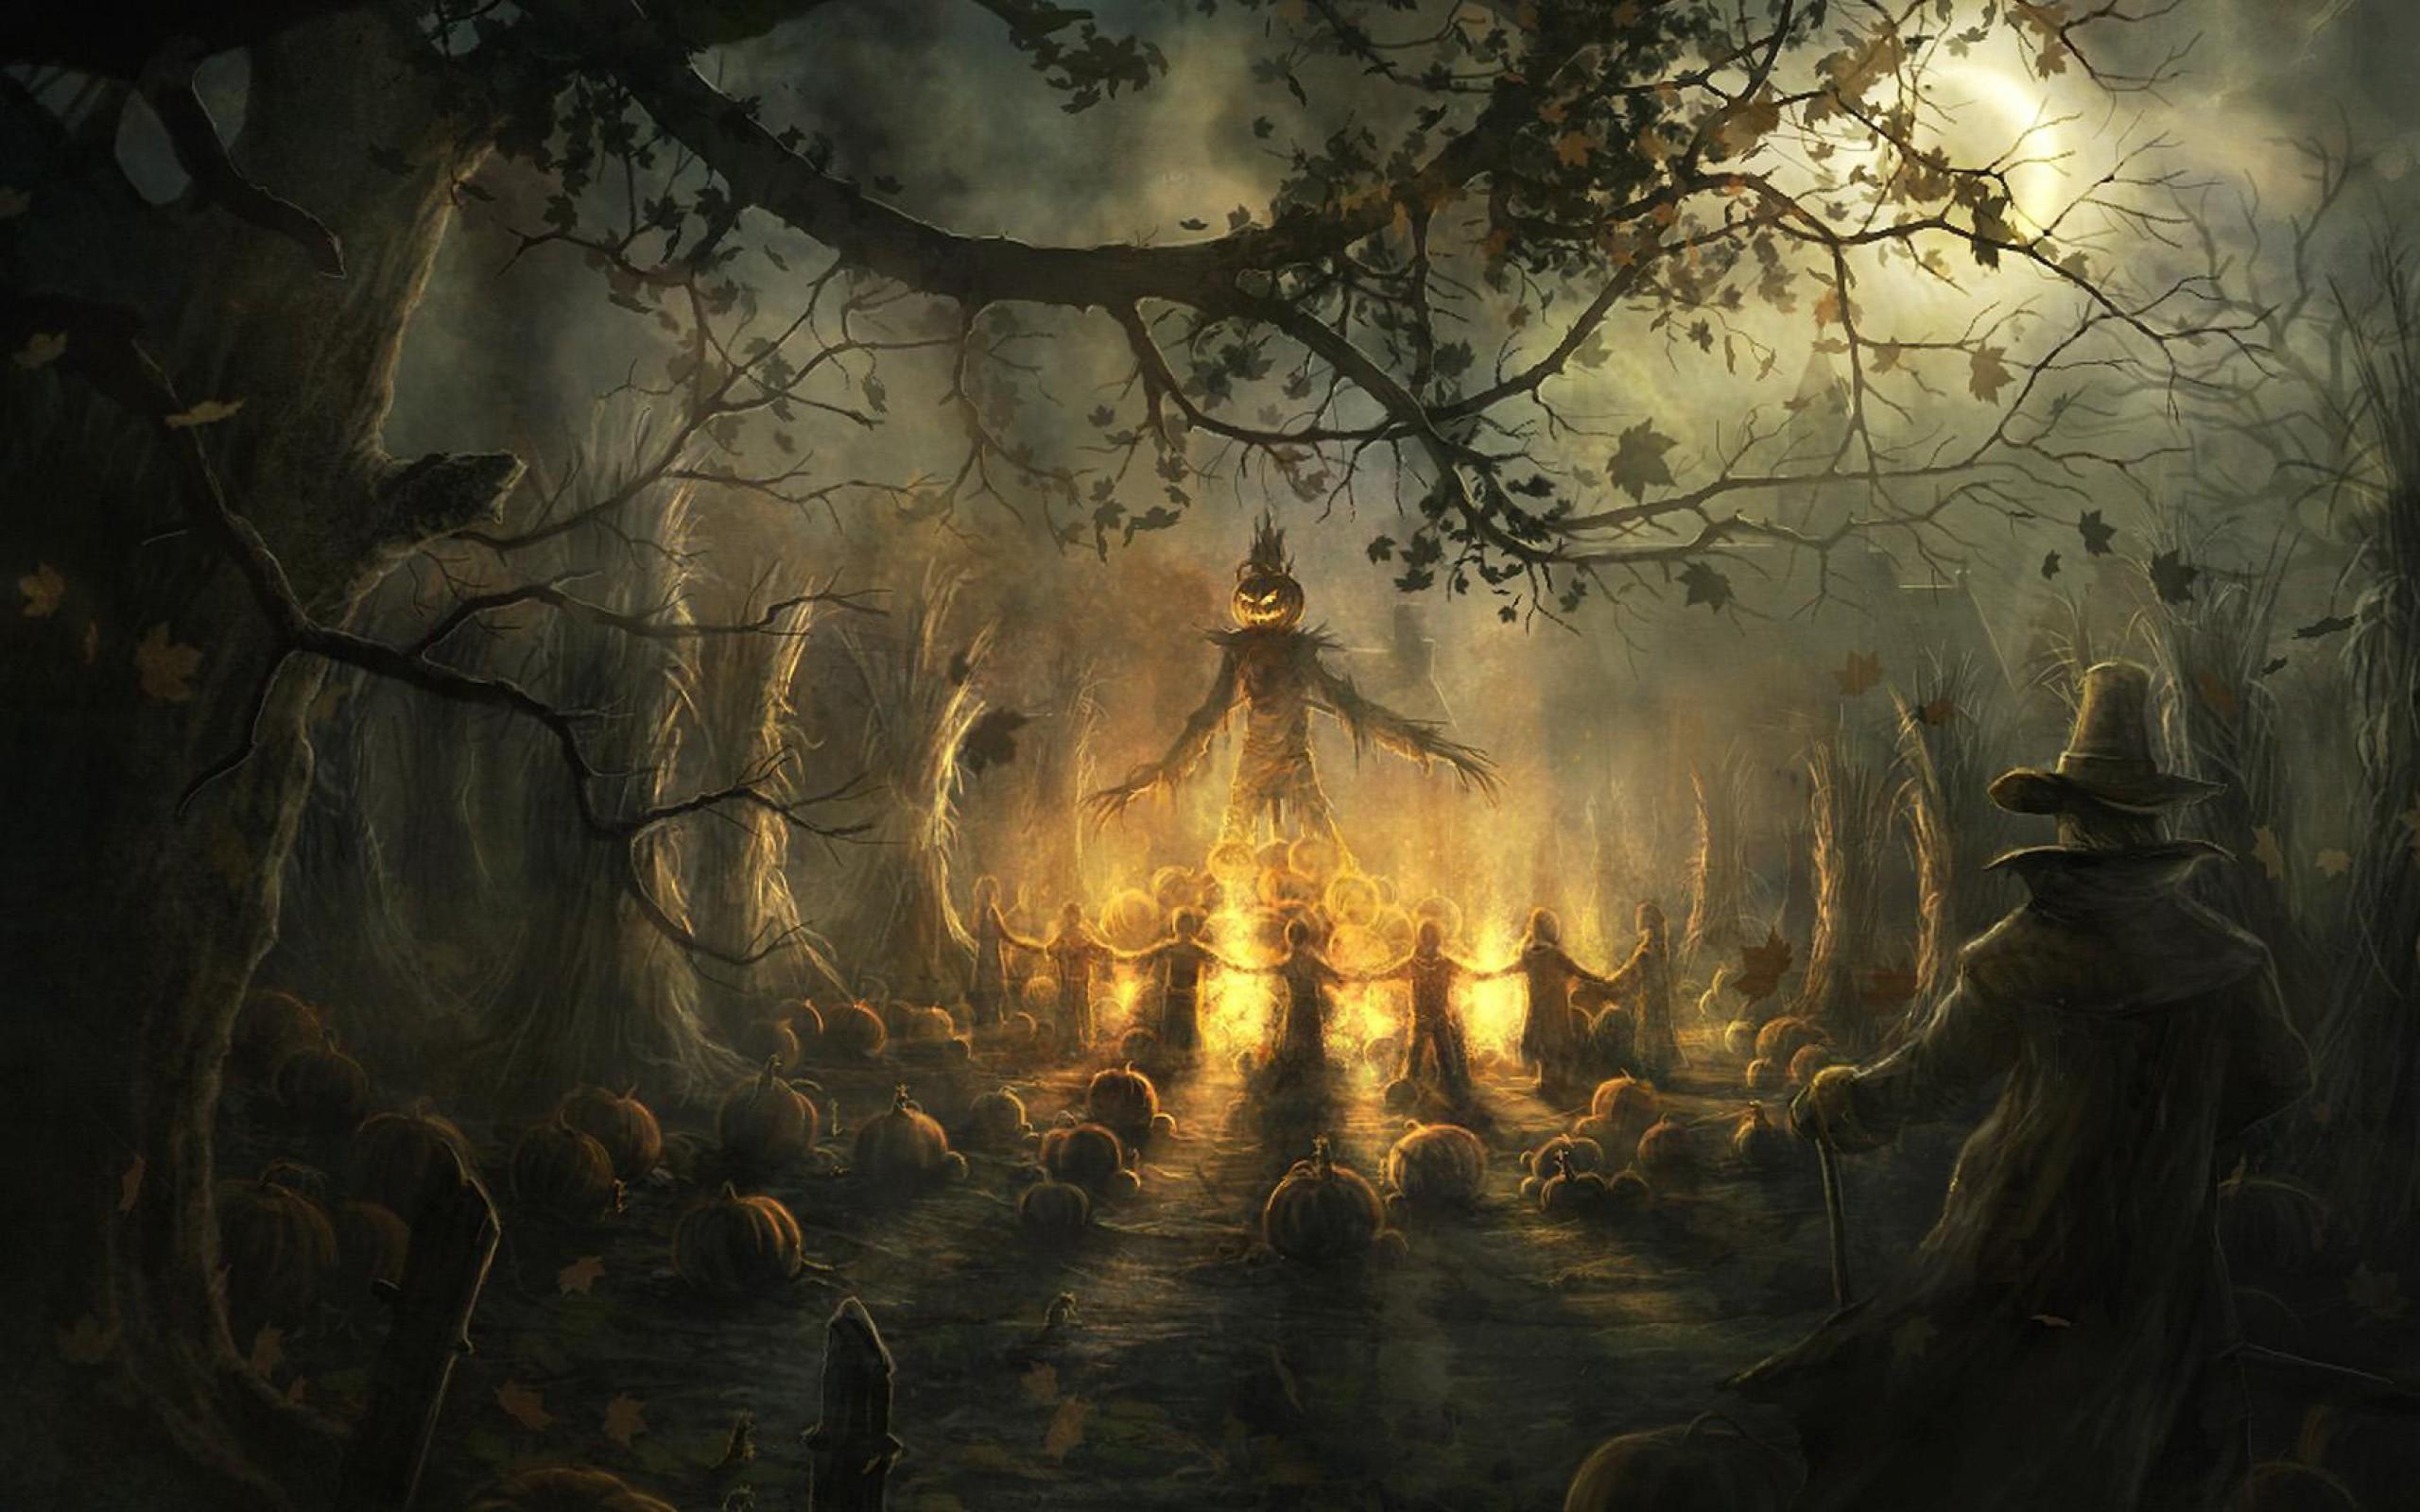 Horror Halloween Wallpaper For IPhone Wallpaper | WallpaperLepi